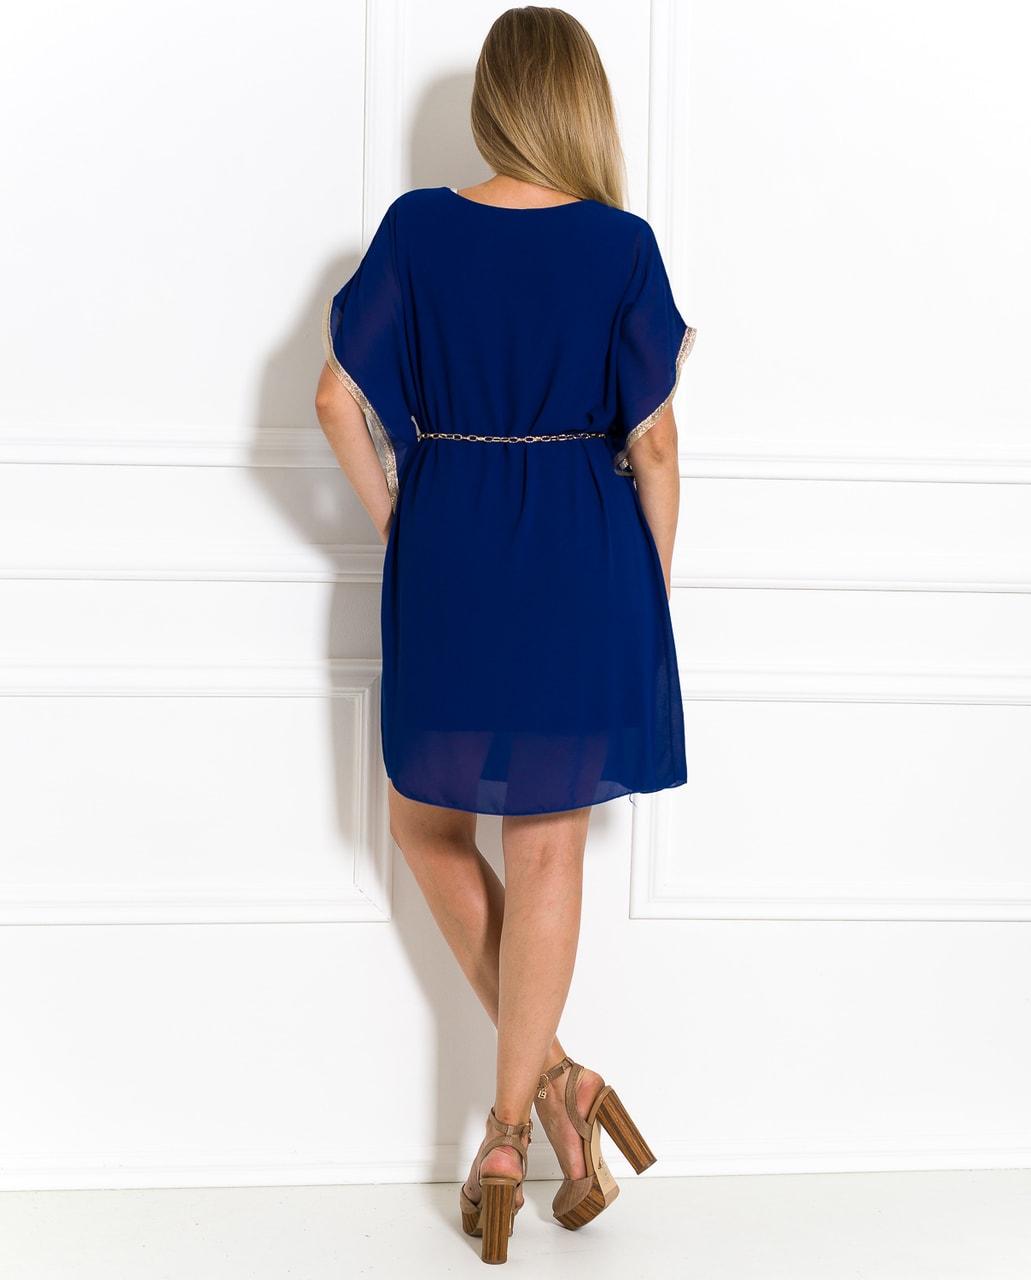 Antické letní šaty královsky modré - Glamorous by Glam - Letní šaty ... c0a98144bb